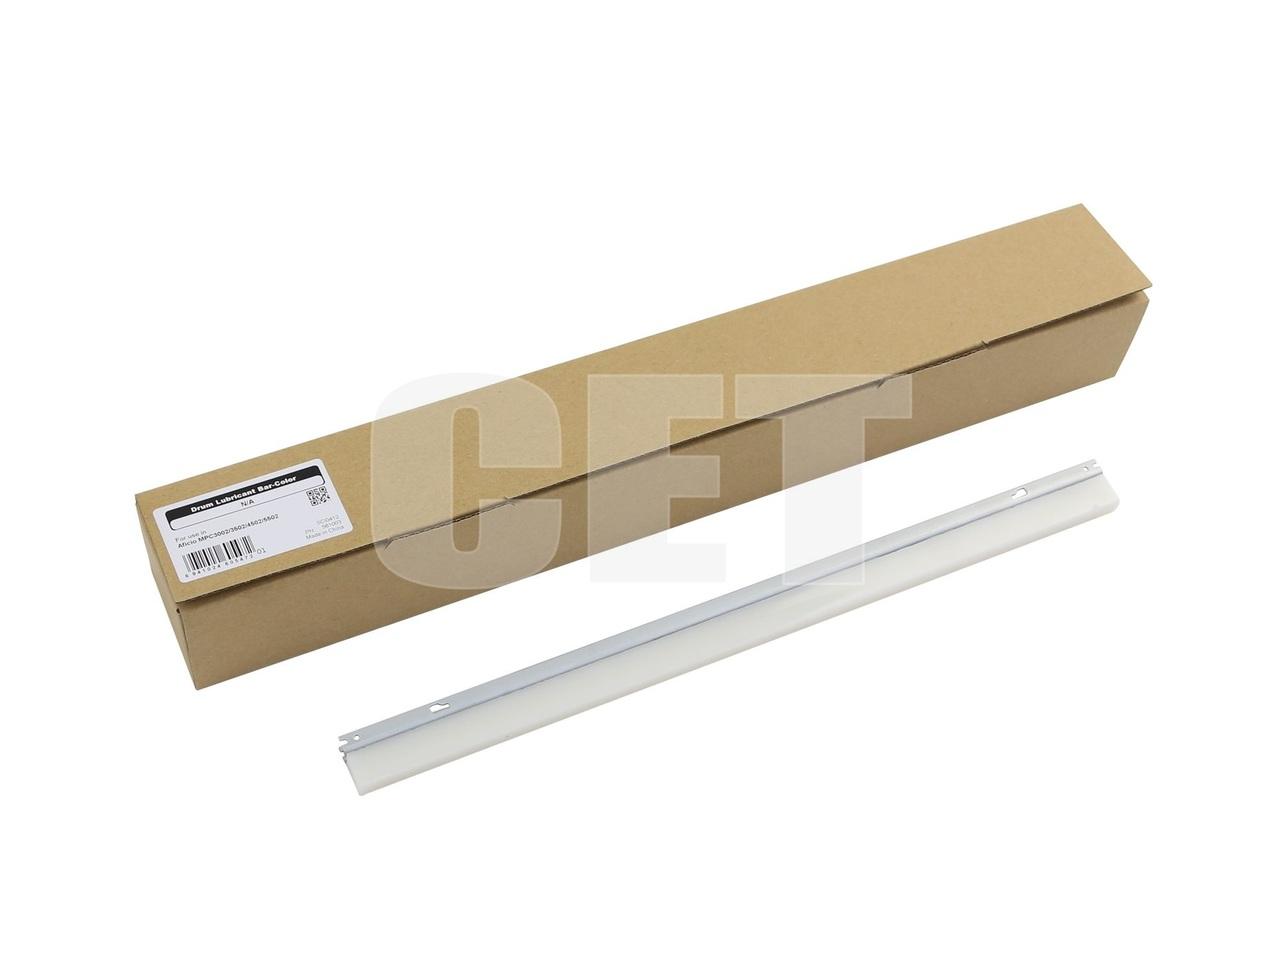 Смазывающая пластина барабана для RICOH AficioMPC3002/3502/4502/5502 (CET) CMY, CET561003